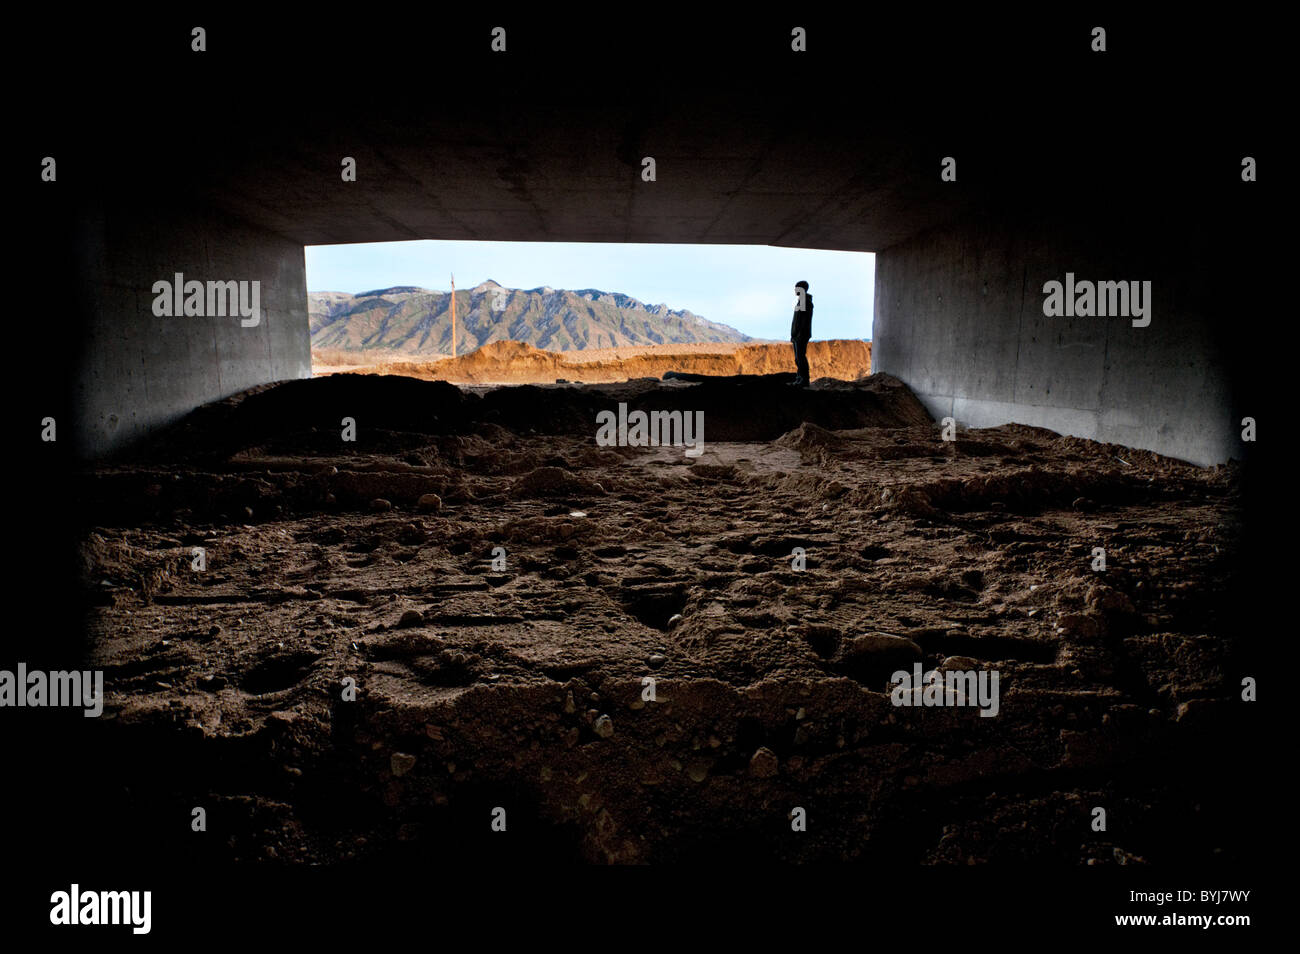 Hombre de pie en la entrada al túnel oscuro Imagen De Stock